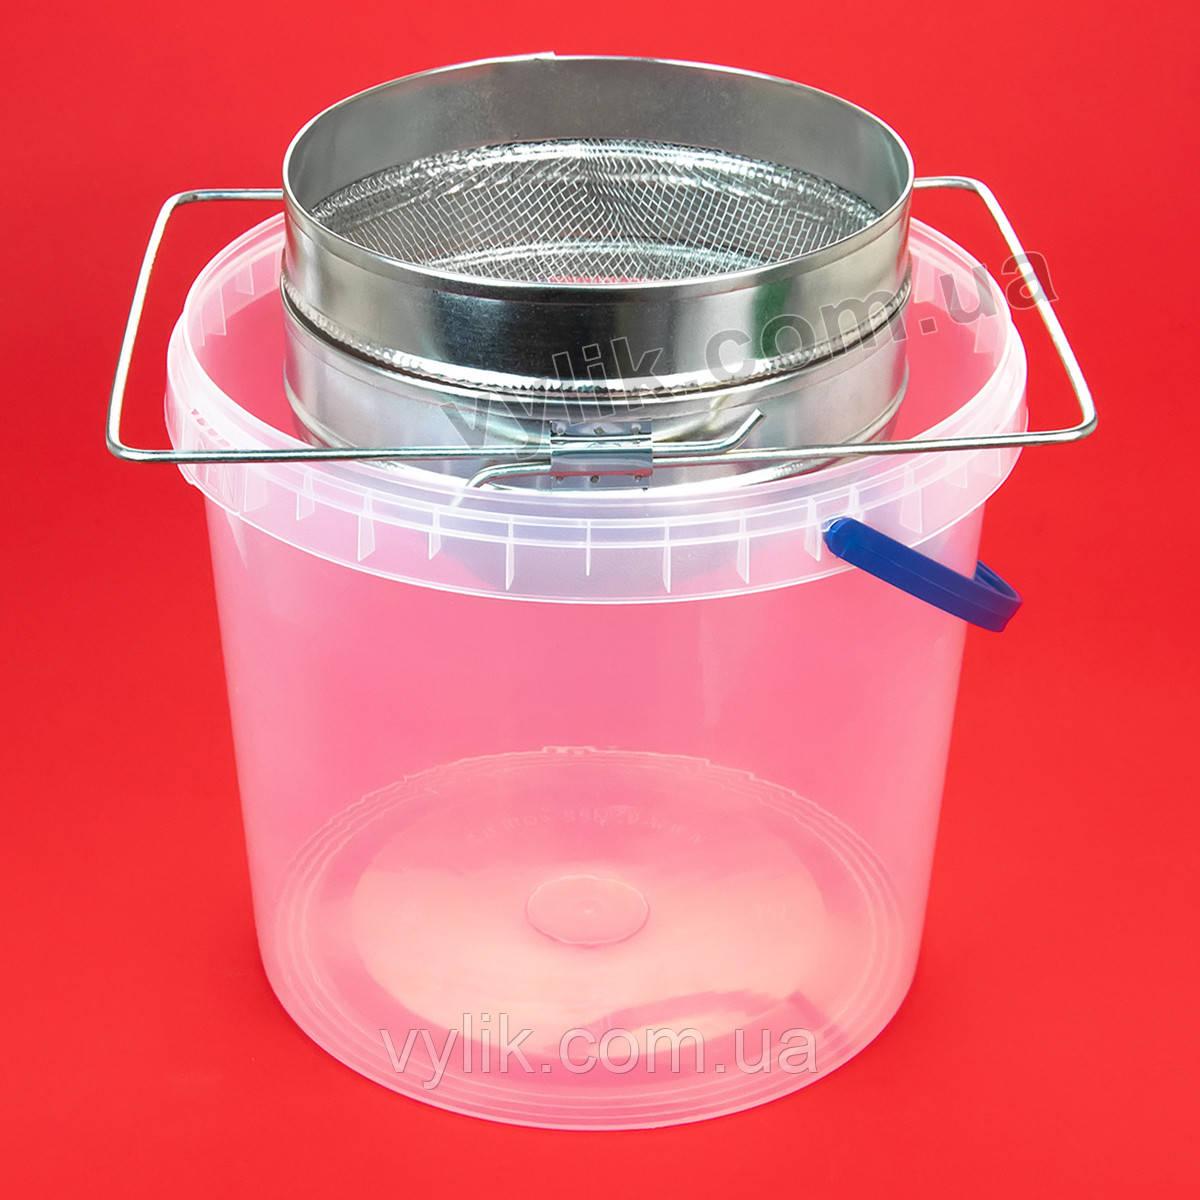 Фильтр с ровной сеткой оцинкованный 20 cм